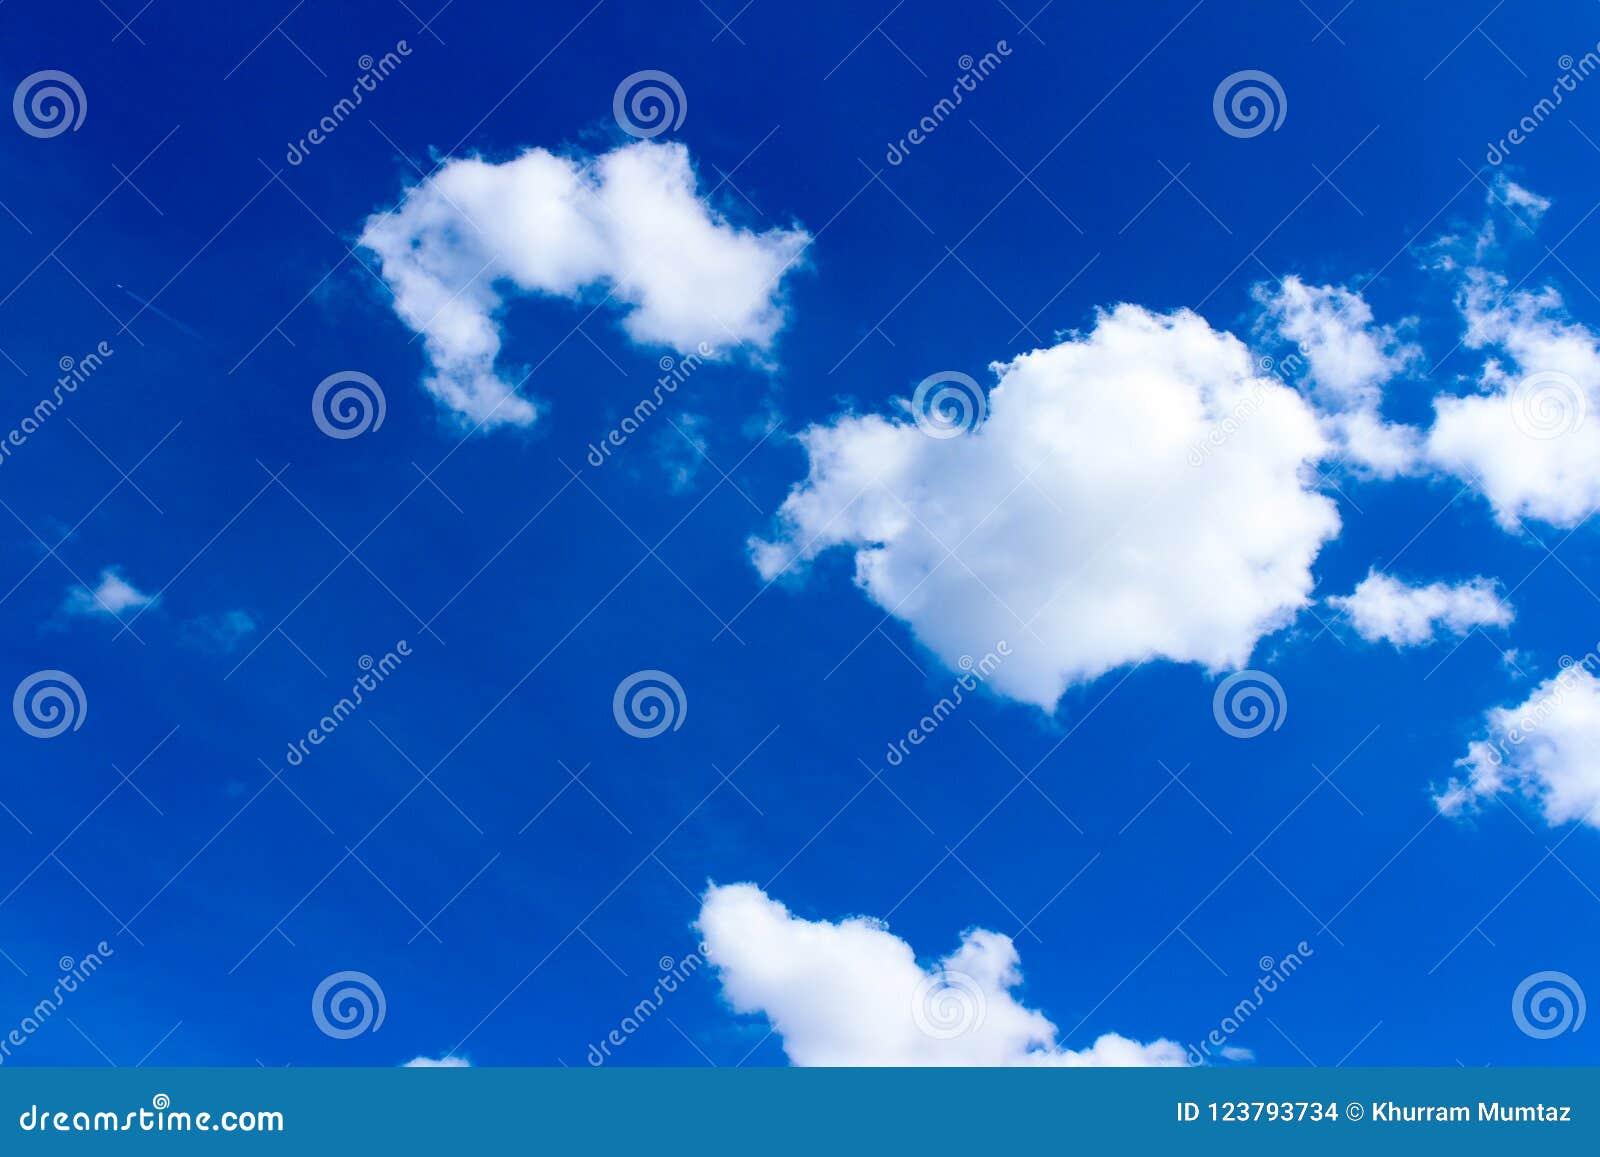 Συννεφιασμένος ουρανού της Γερμανίας με τα σύννεφα, μπλε ουρανός με τα λιποθυμημένα και διασκορπισμένα σύννεφα